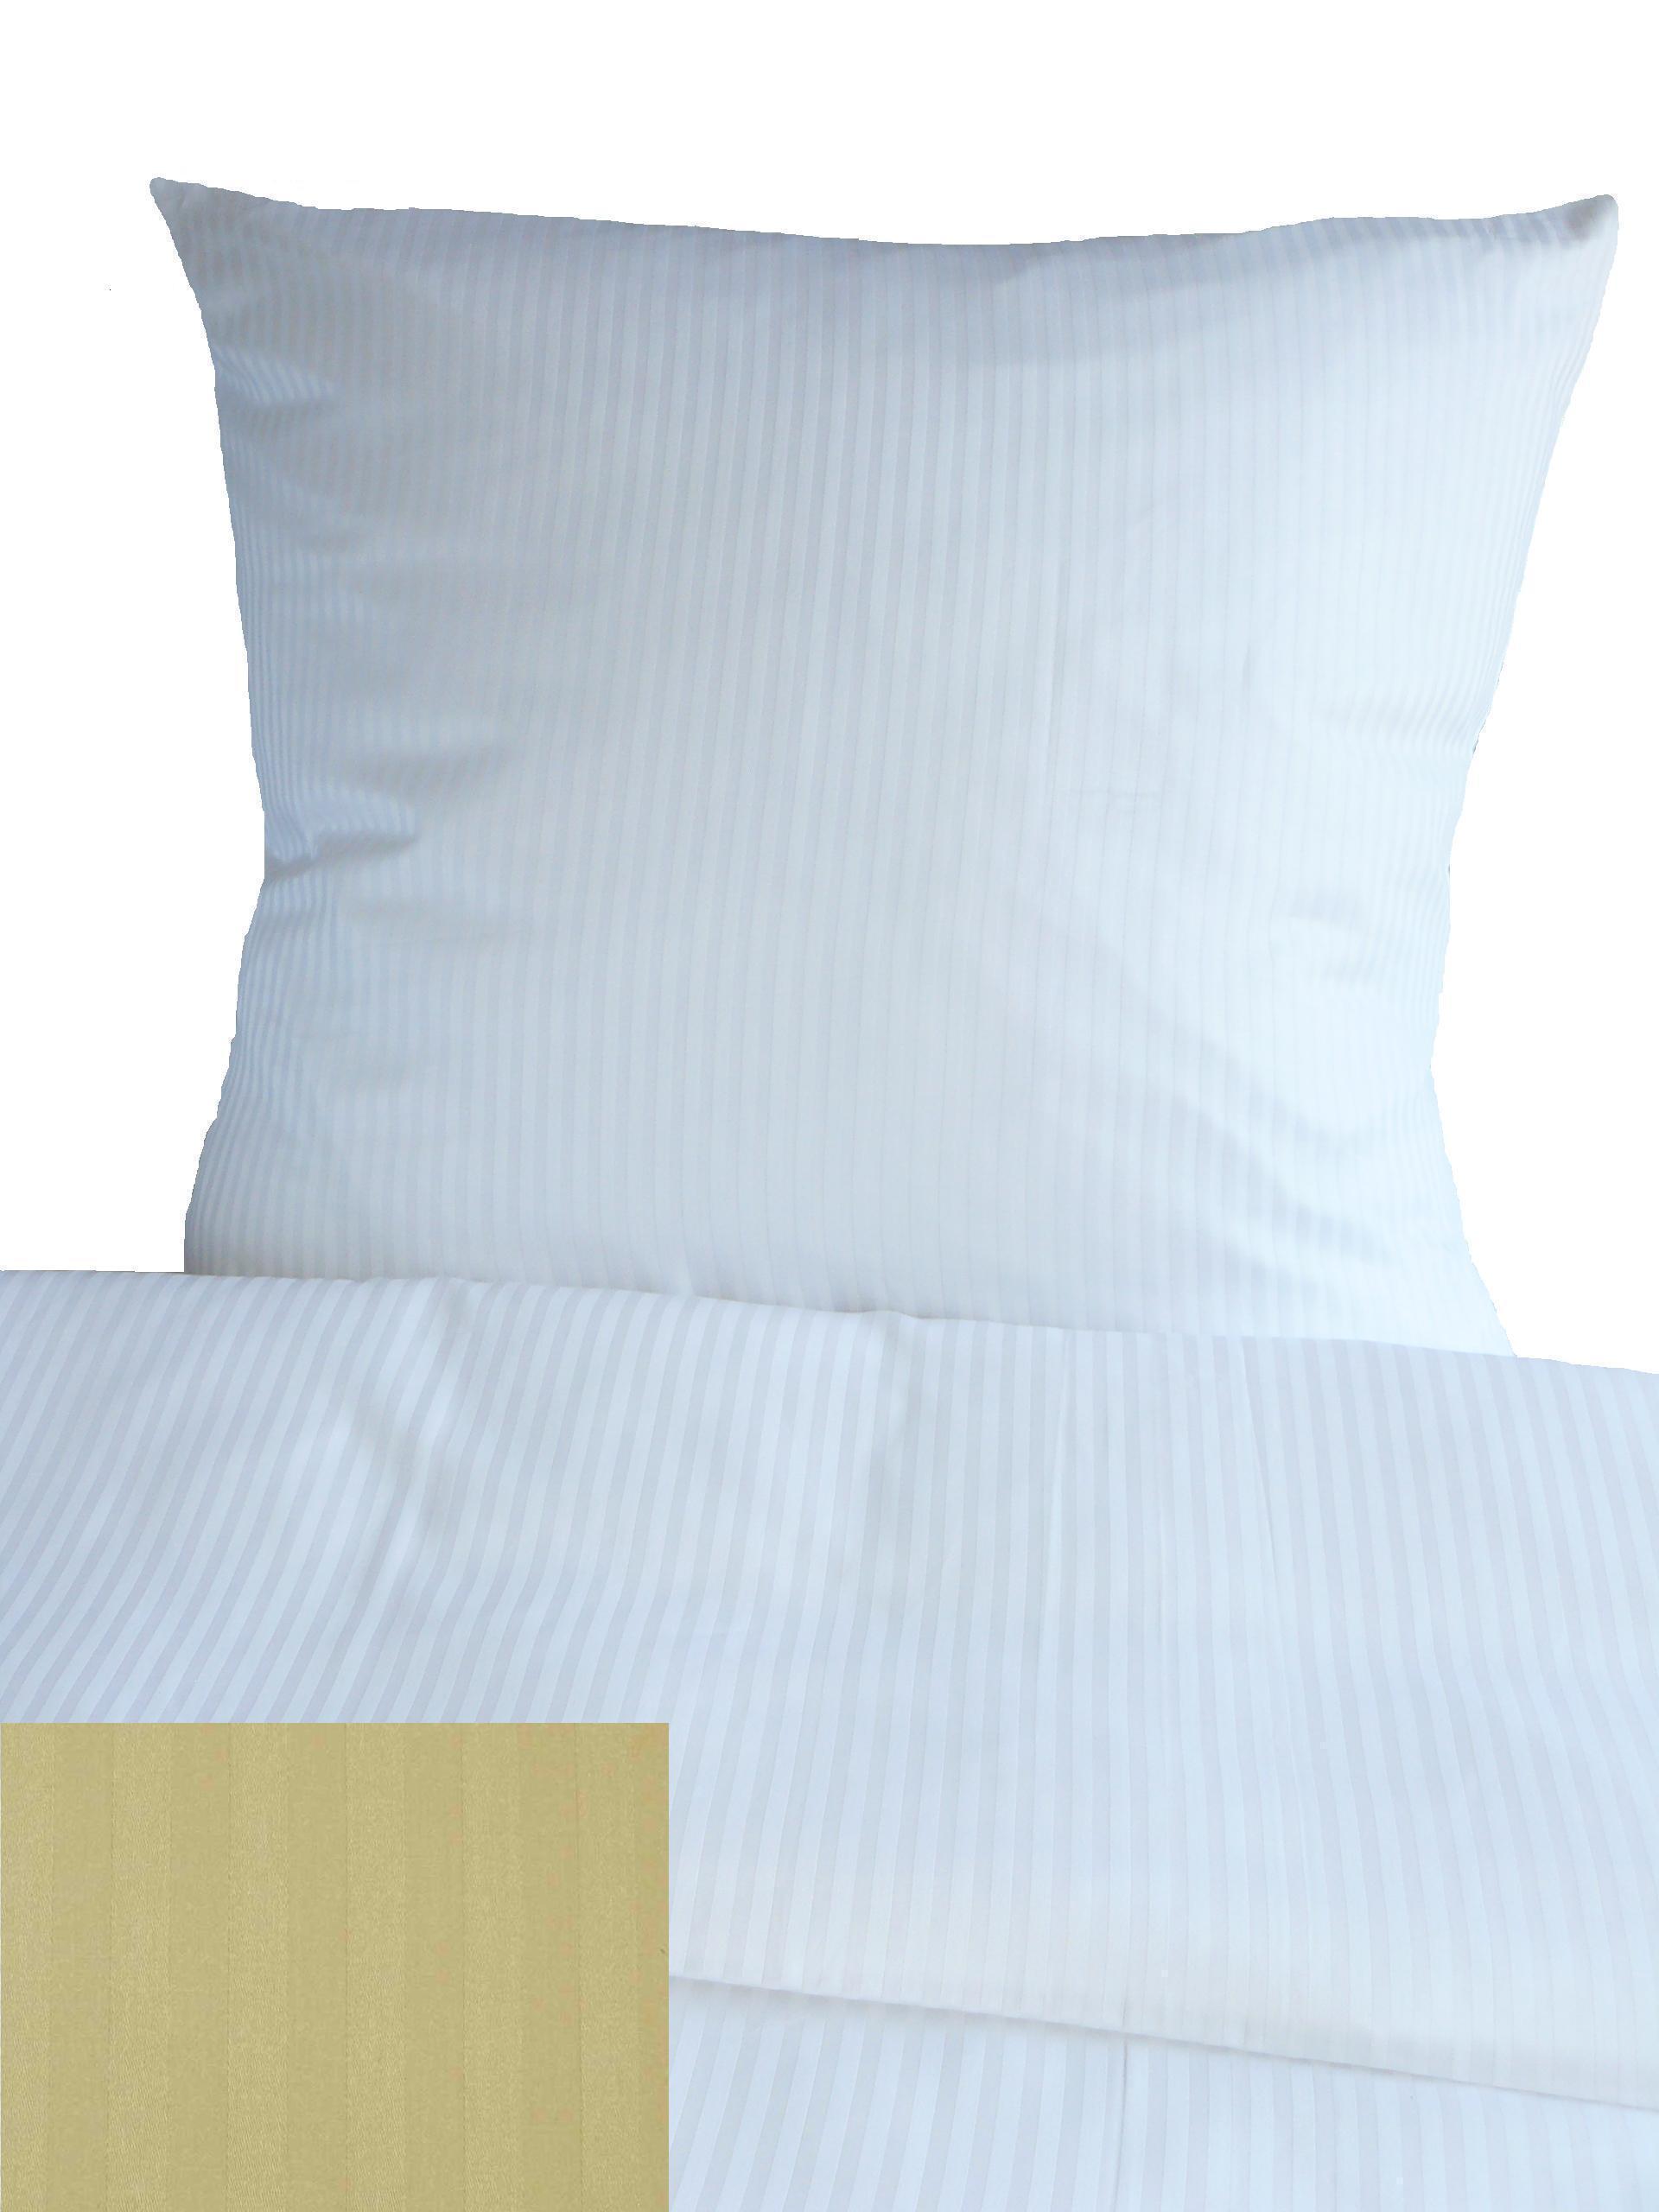 Wunderschön Microsatin Bettwäsche Ideen Von Hotelbettwäsche Streifen Damast 10mm 135x200 / 80x80